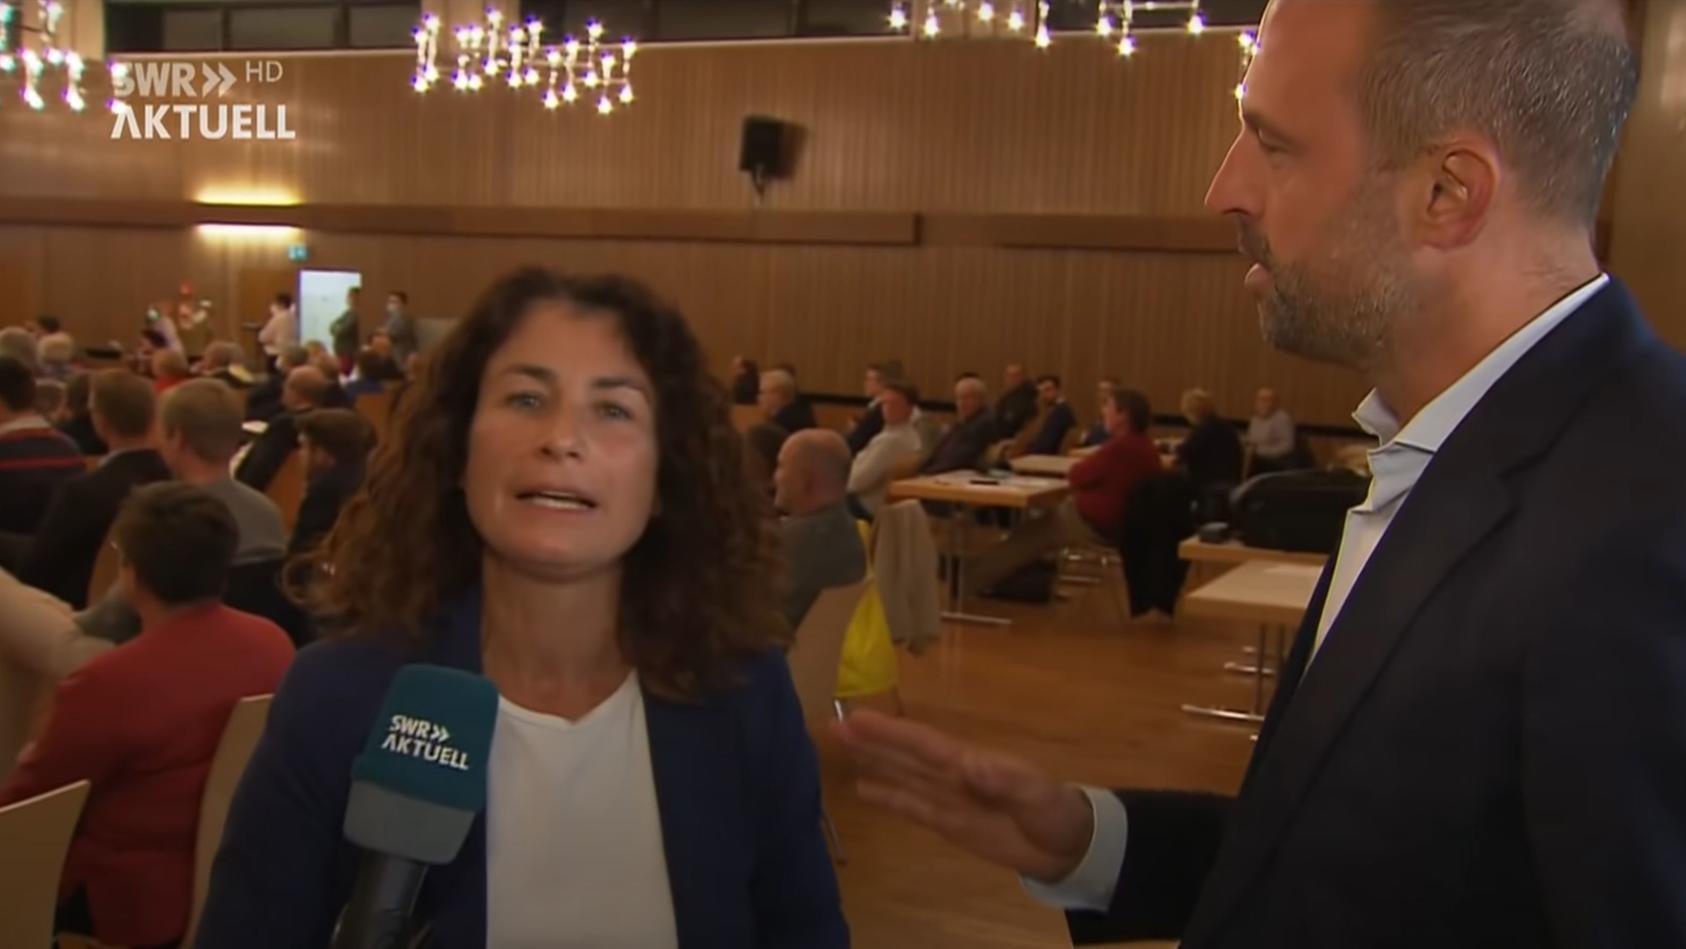 unflatige-beleidigungen-skandal-im-live-tv-politiker-wurgt-reporterin-ab